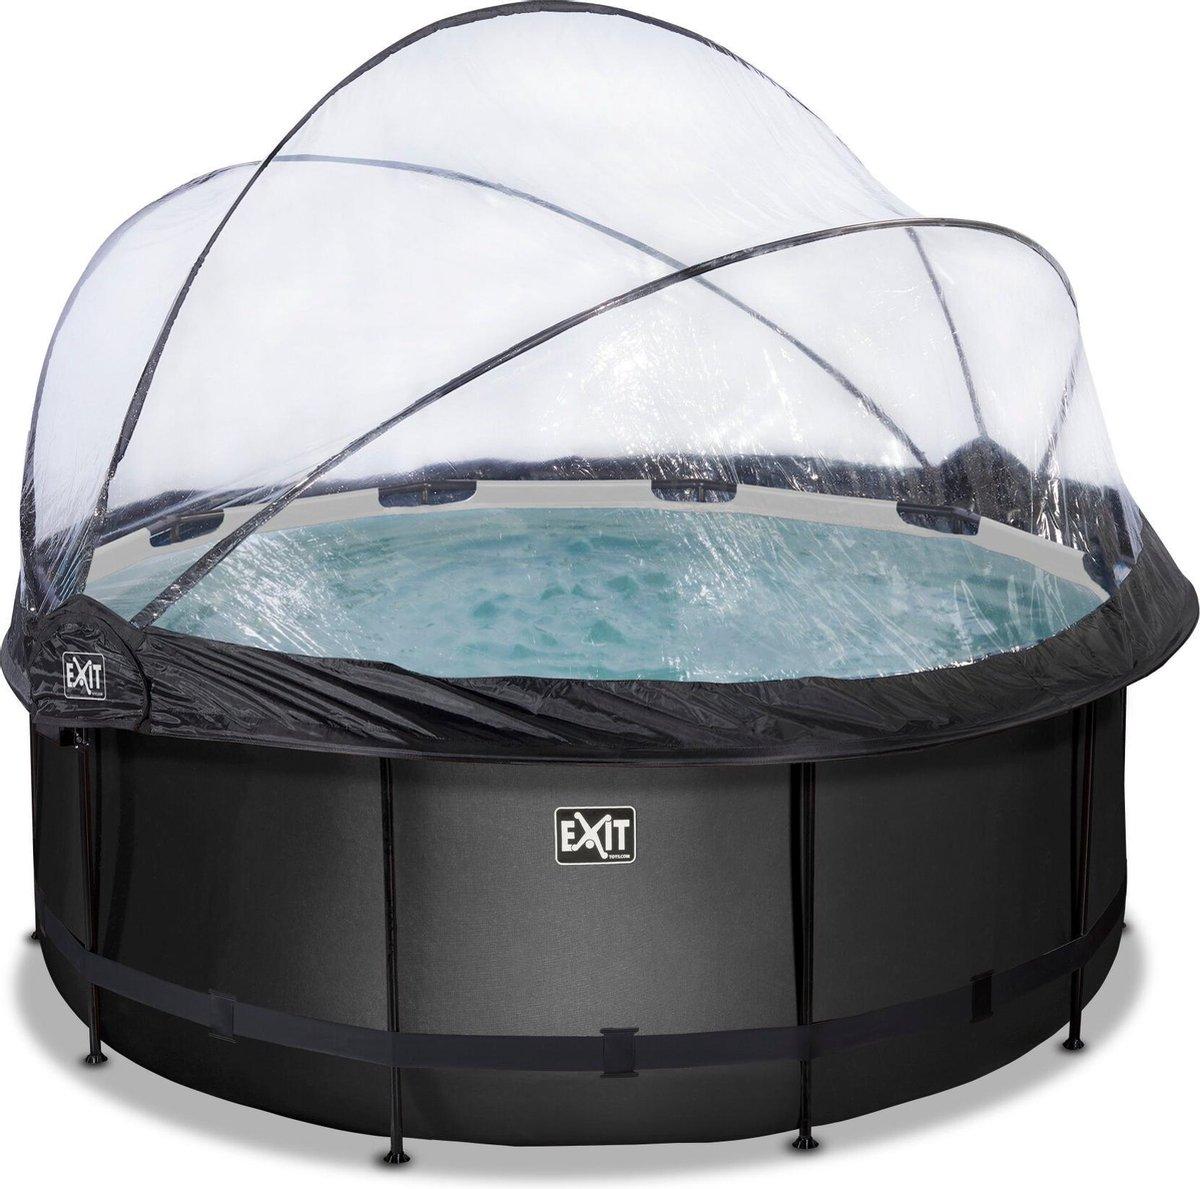 EXIT Black Leather zwembad ø360x122cm met overkapping en zandfilterpomp - zwart